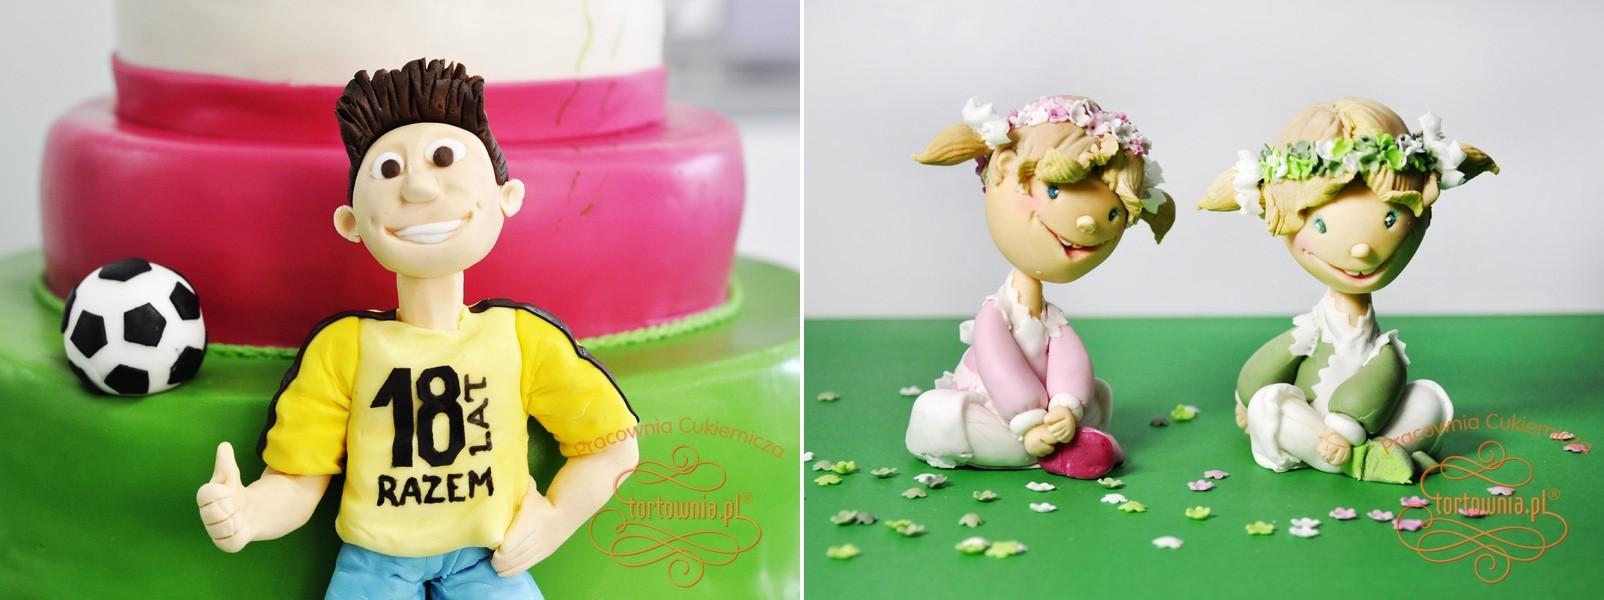 Dekorowanie tortów